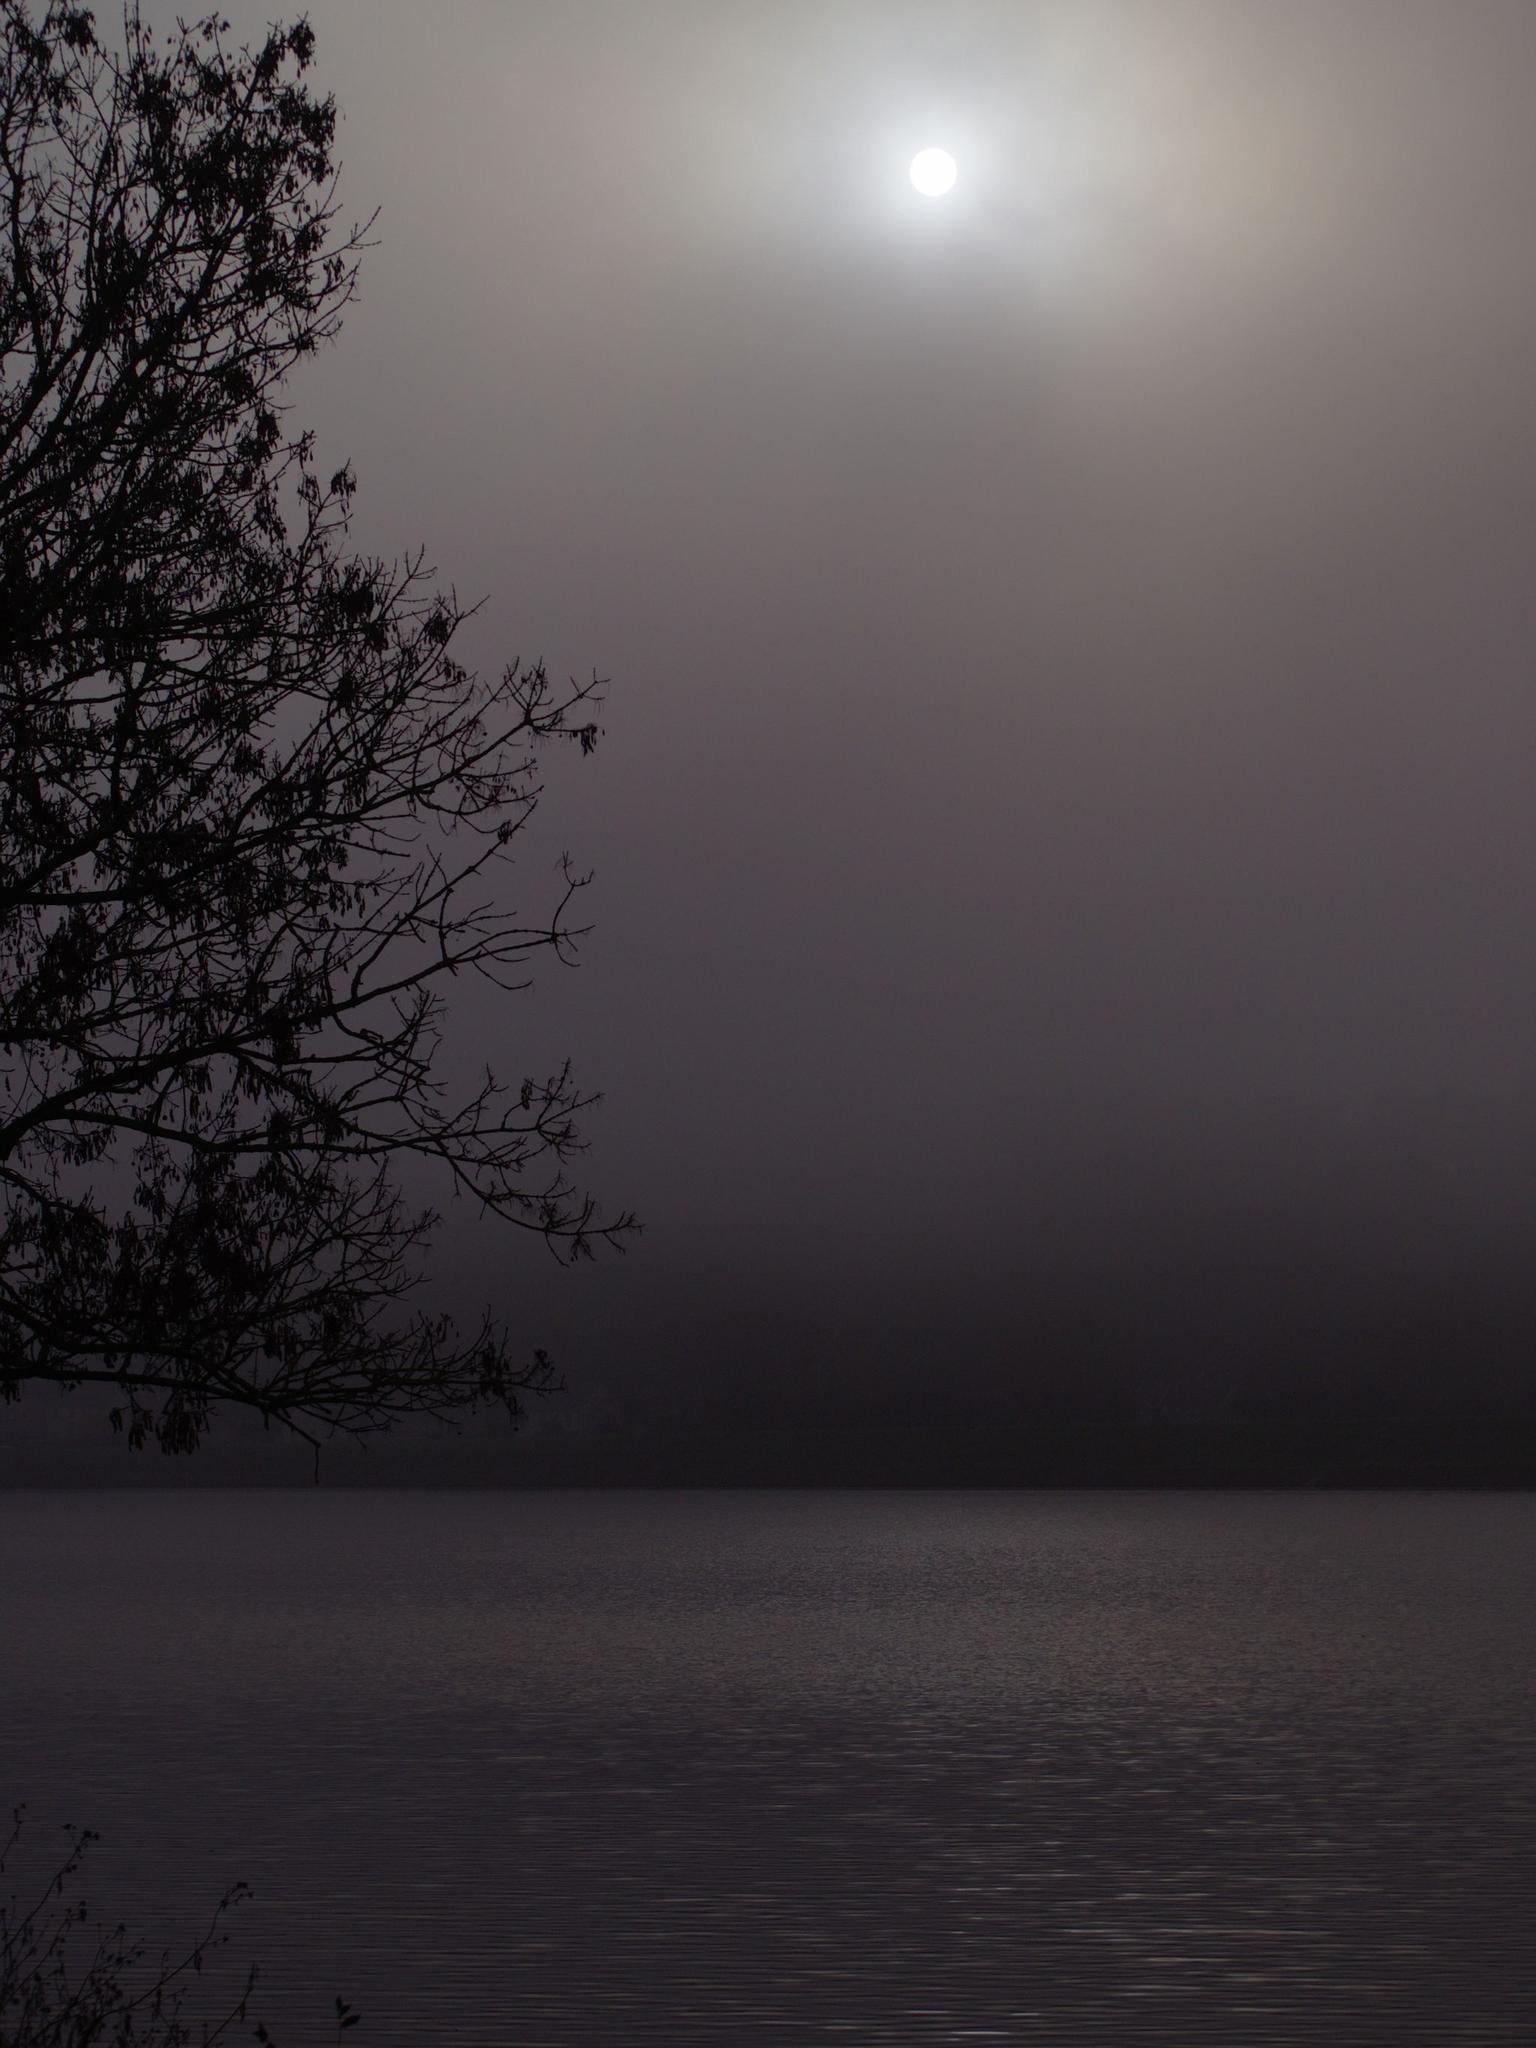 Misty Morning by Jean Michel Segaud